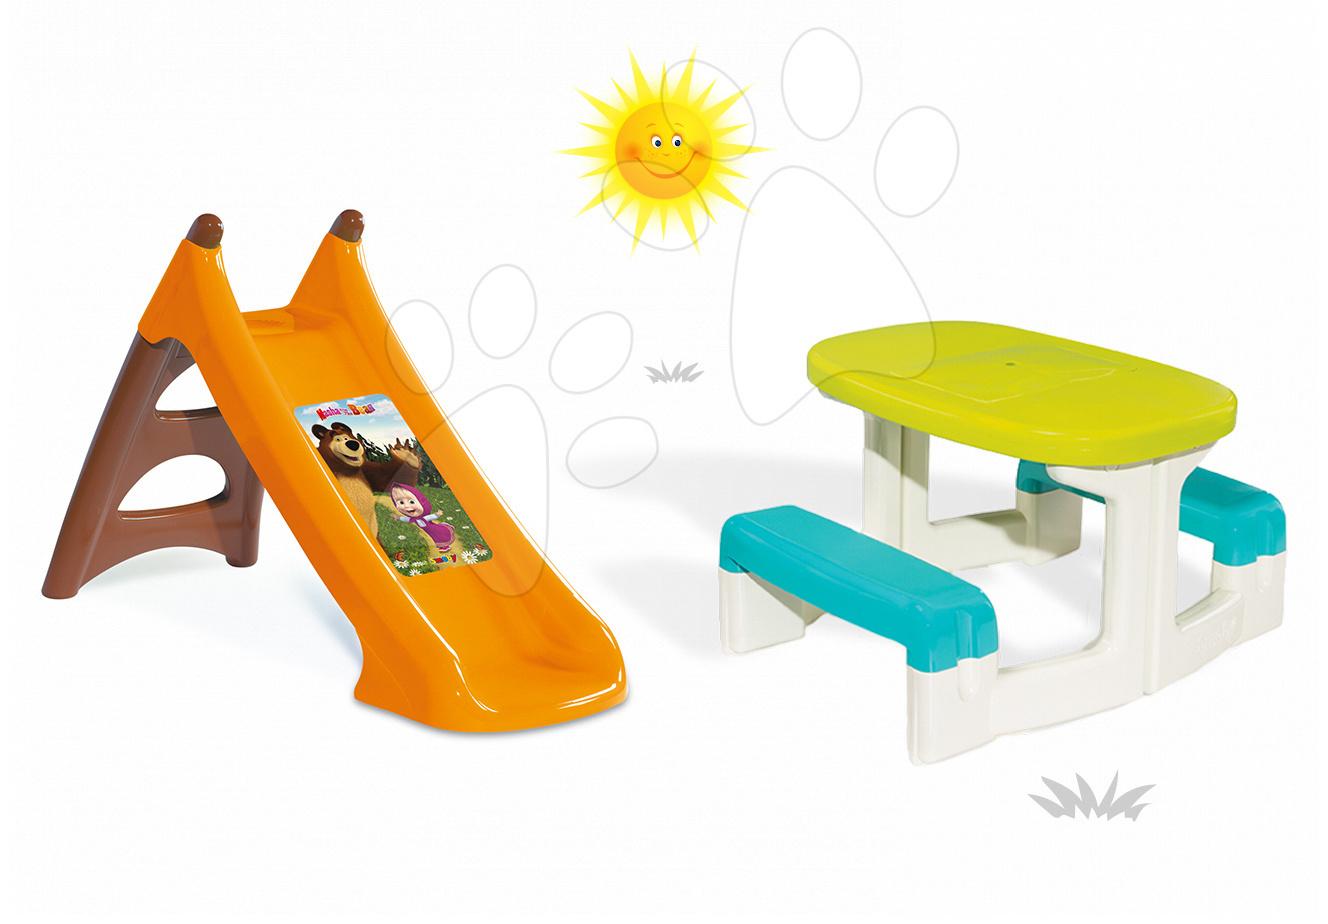 Šmykľavky sety - Set šmykľavka Máša a medveď Smoby Toboggan XS s vodou dĺžka 90 cm a stôl Piknik s úložným priestorom od 24 mes